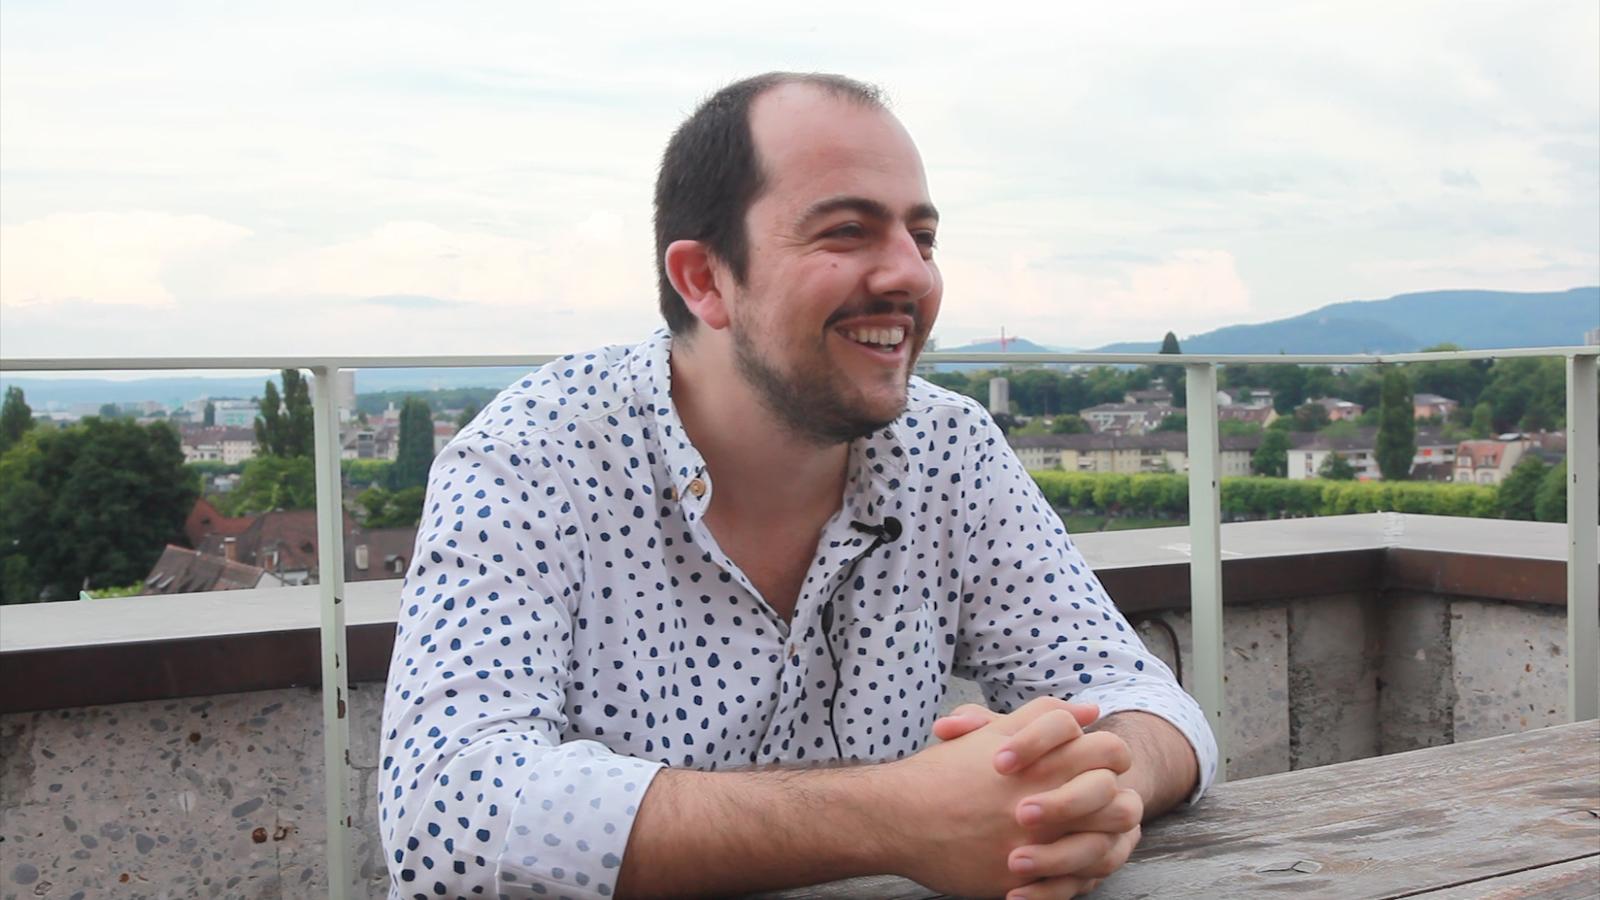 Stefan Benchoam